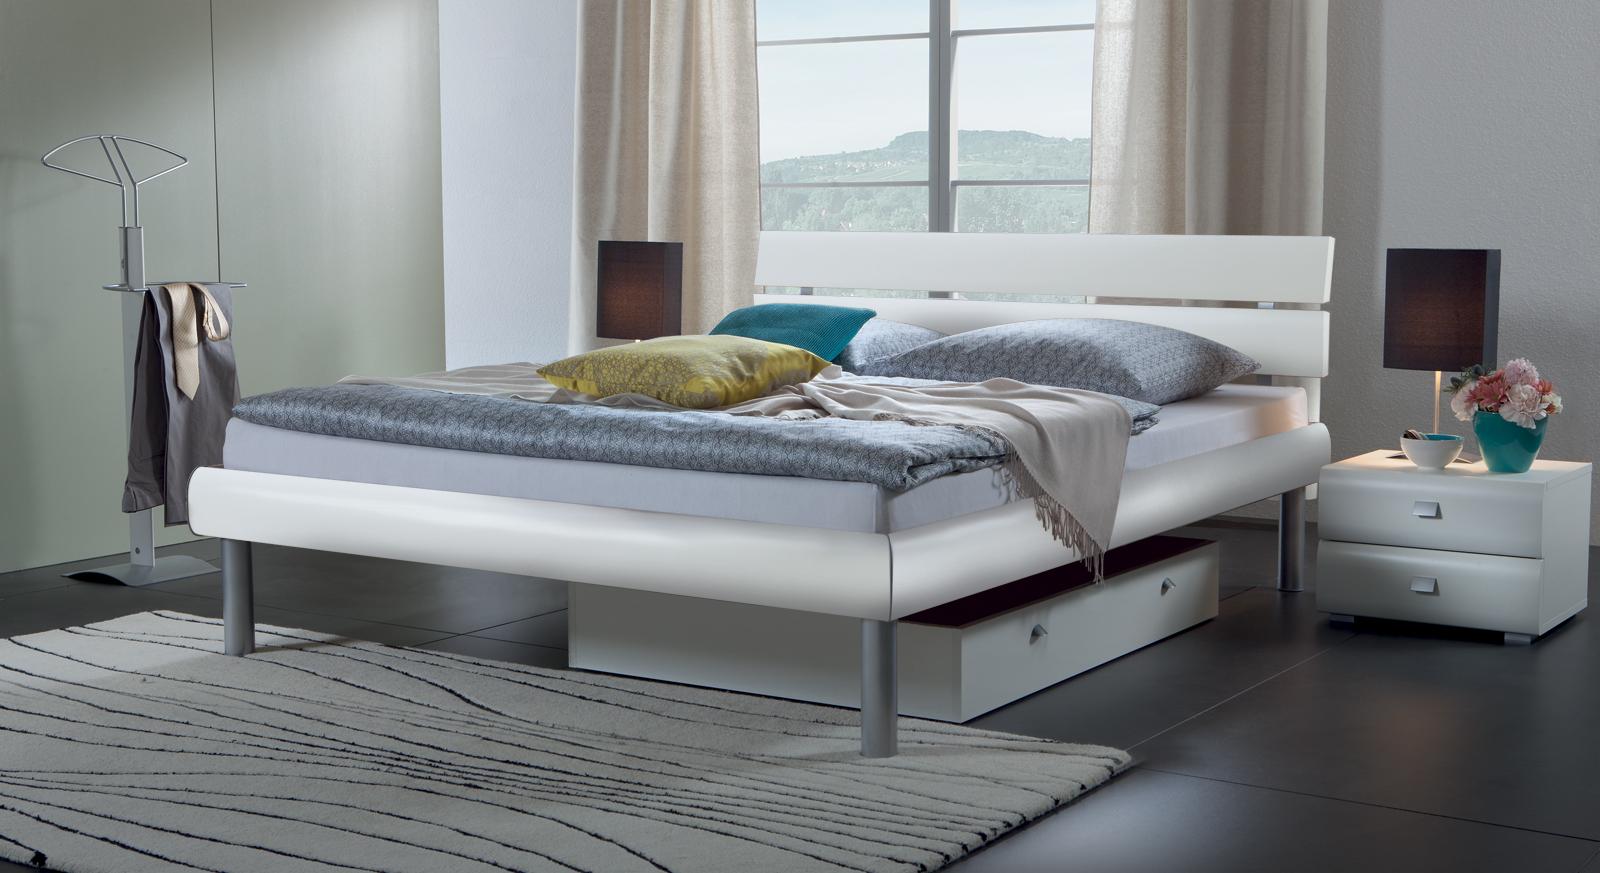 bett in eiche s geraufarbenem holzdekor diego. Black Bedroom Furniture Sets. Home Design Ideas